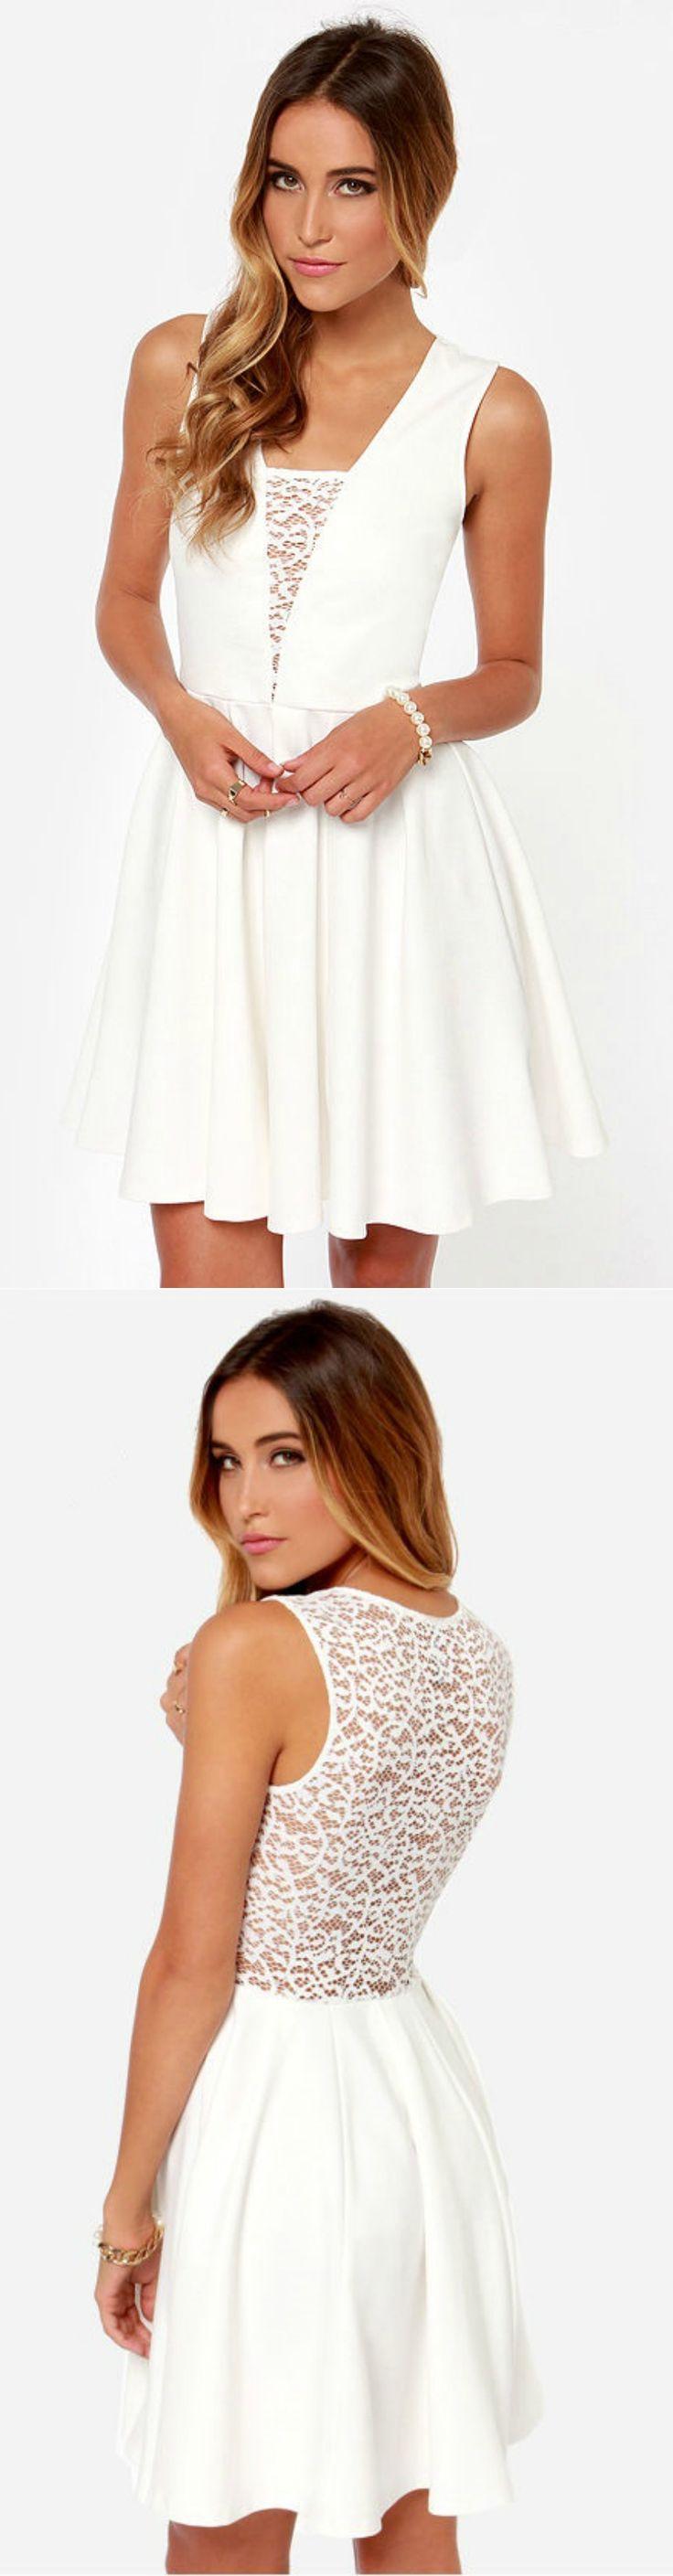 Lace + Ivory Dress